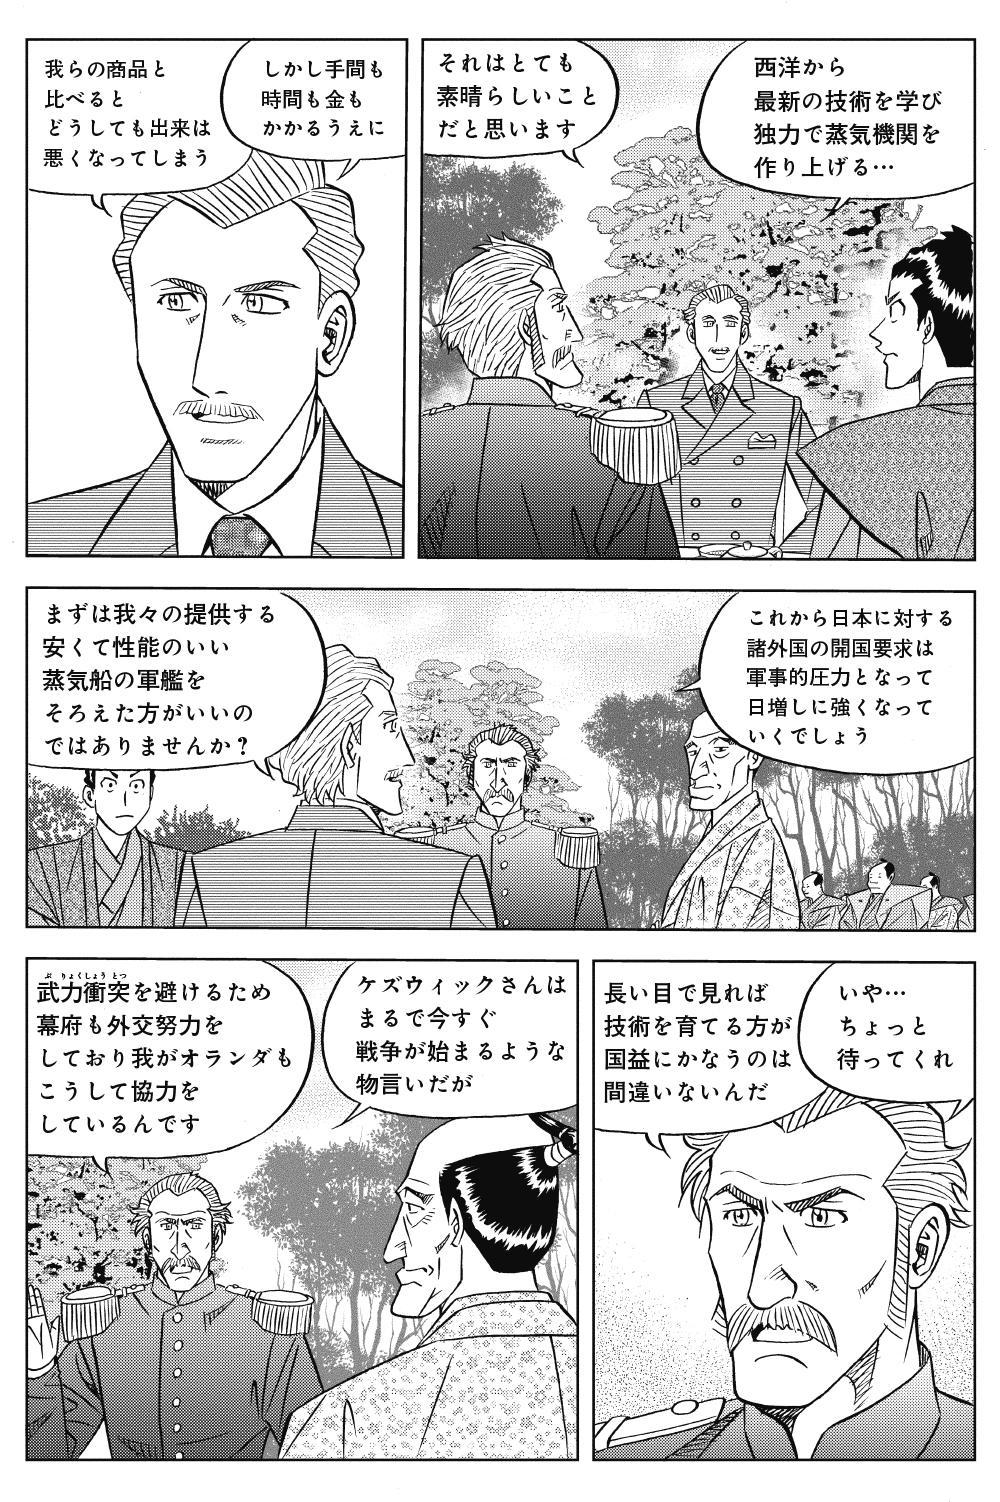 ミスター味っ子 幕末編 第2話「列強襲来」①ajikko2-1-13.jpg